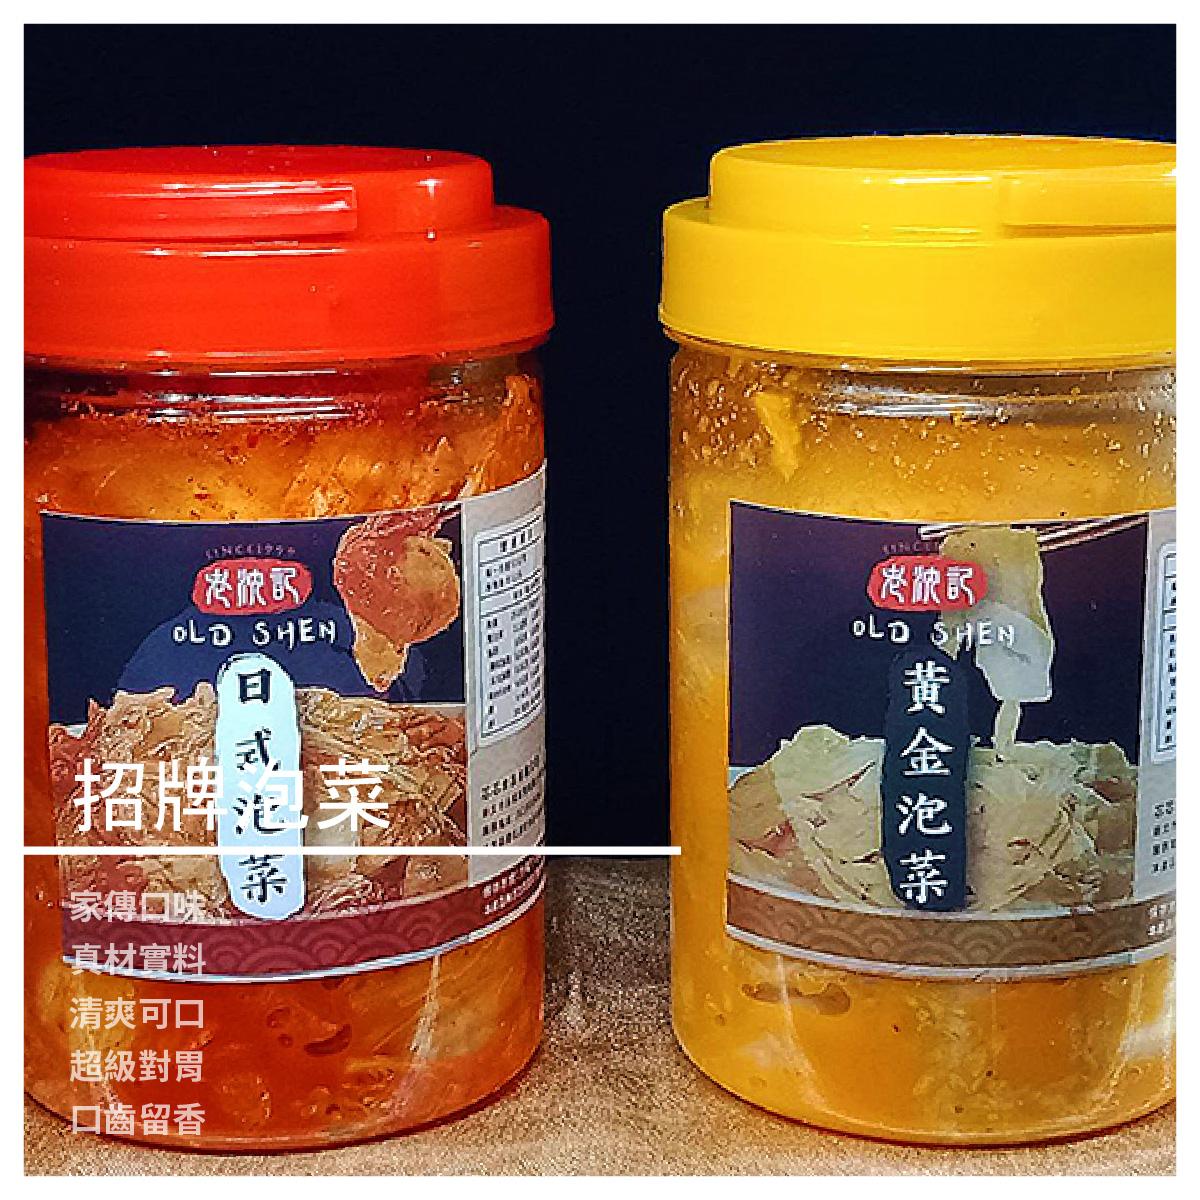 【老沈記】招牌泡菜/600g/瓶/兩款口味